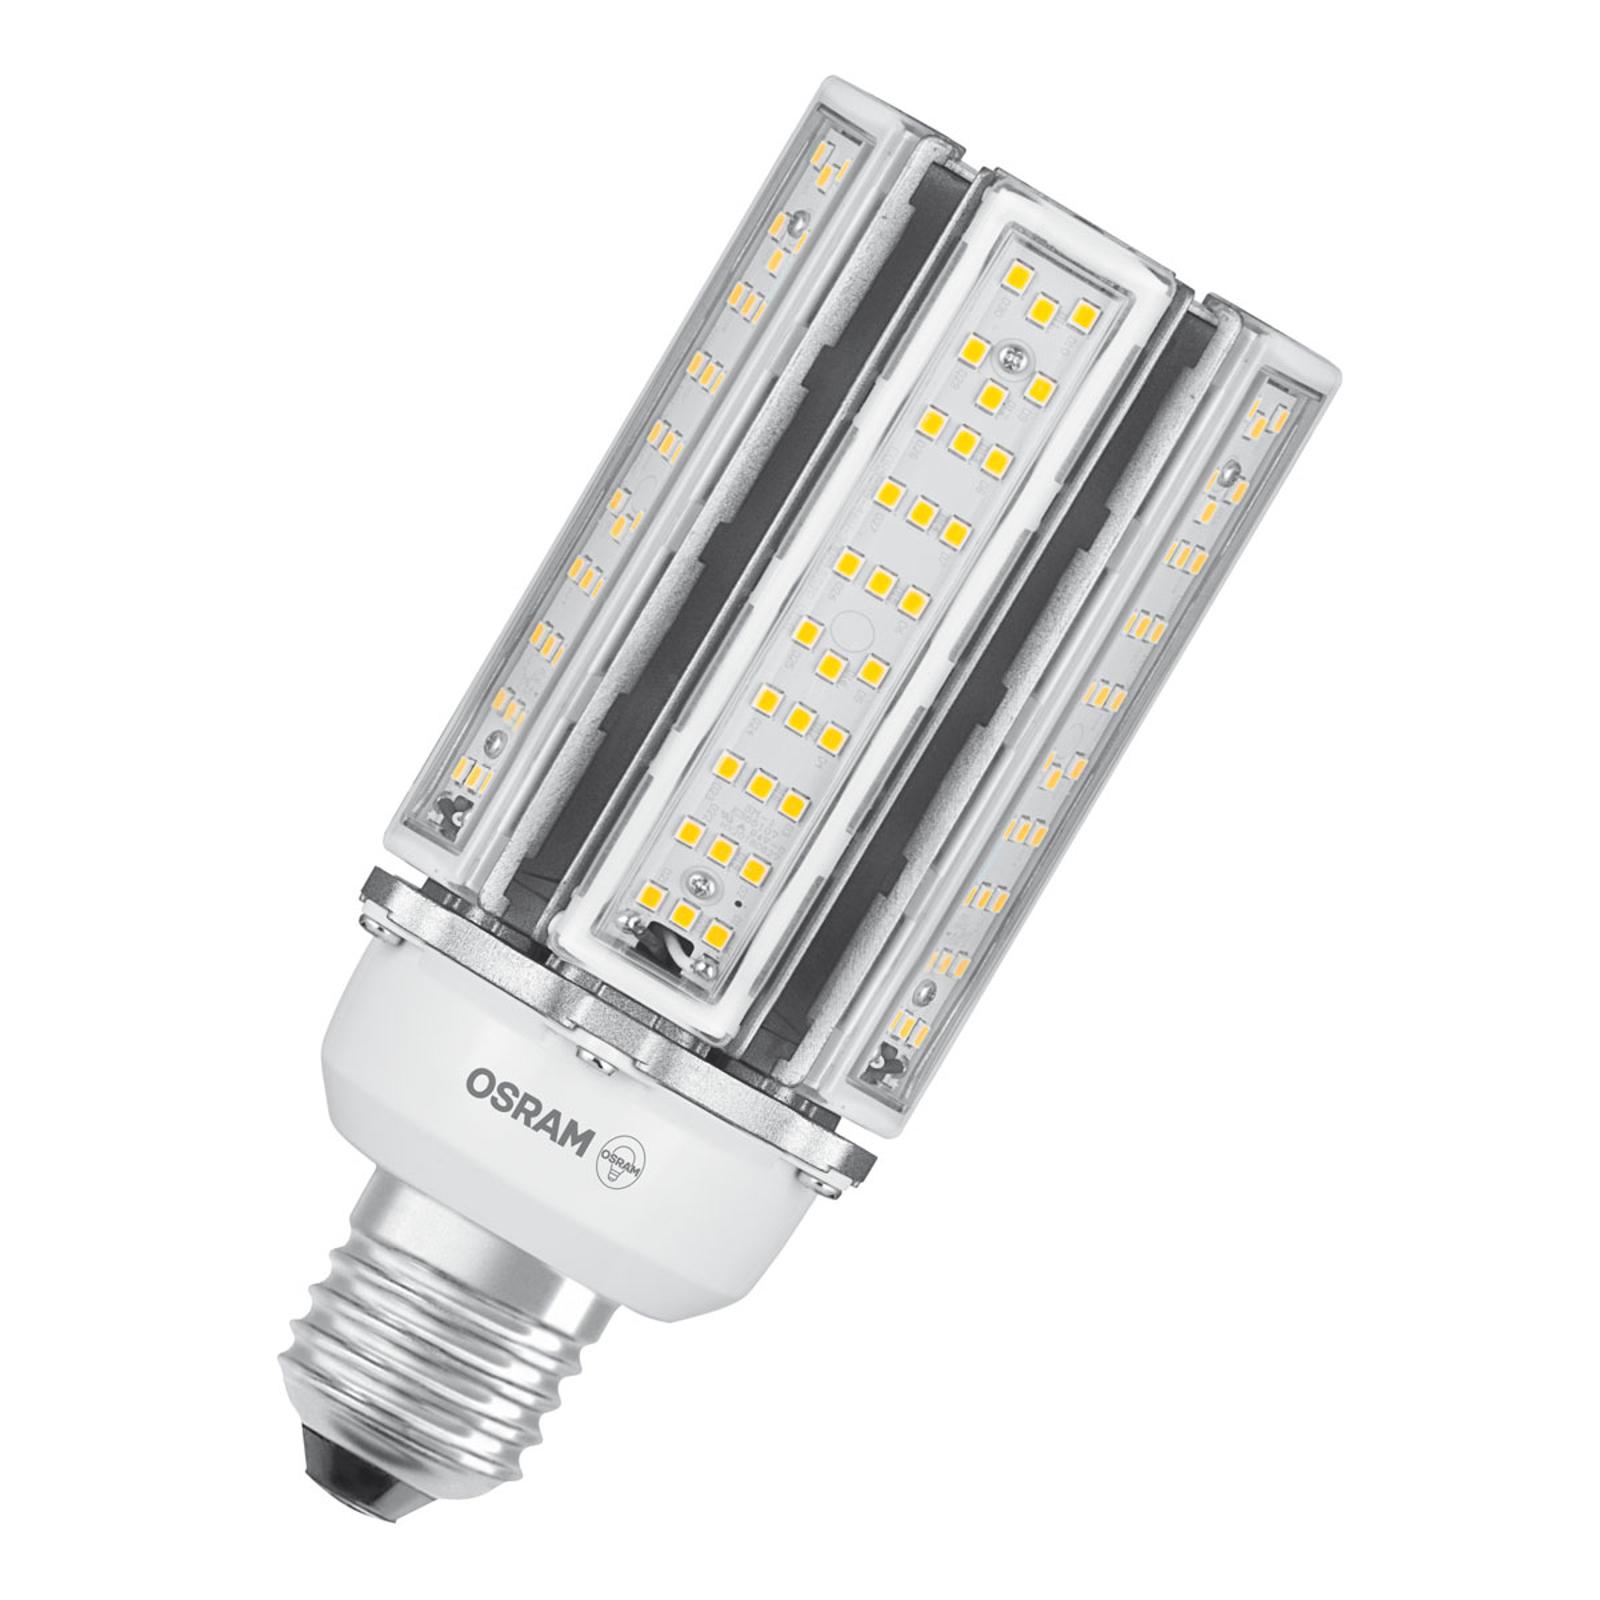 OSRAM ampoule LED E40 Parathom HQL 46W 2700K